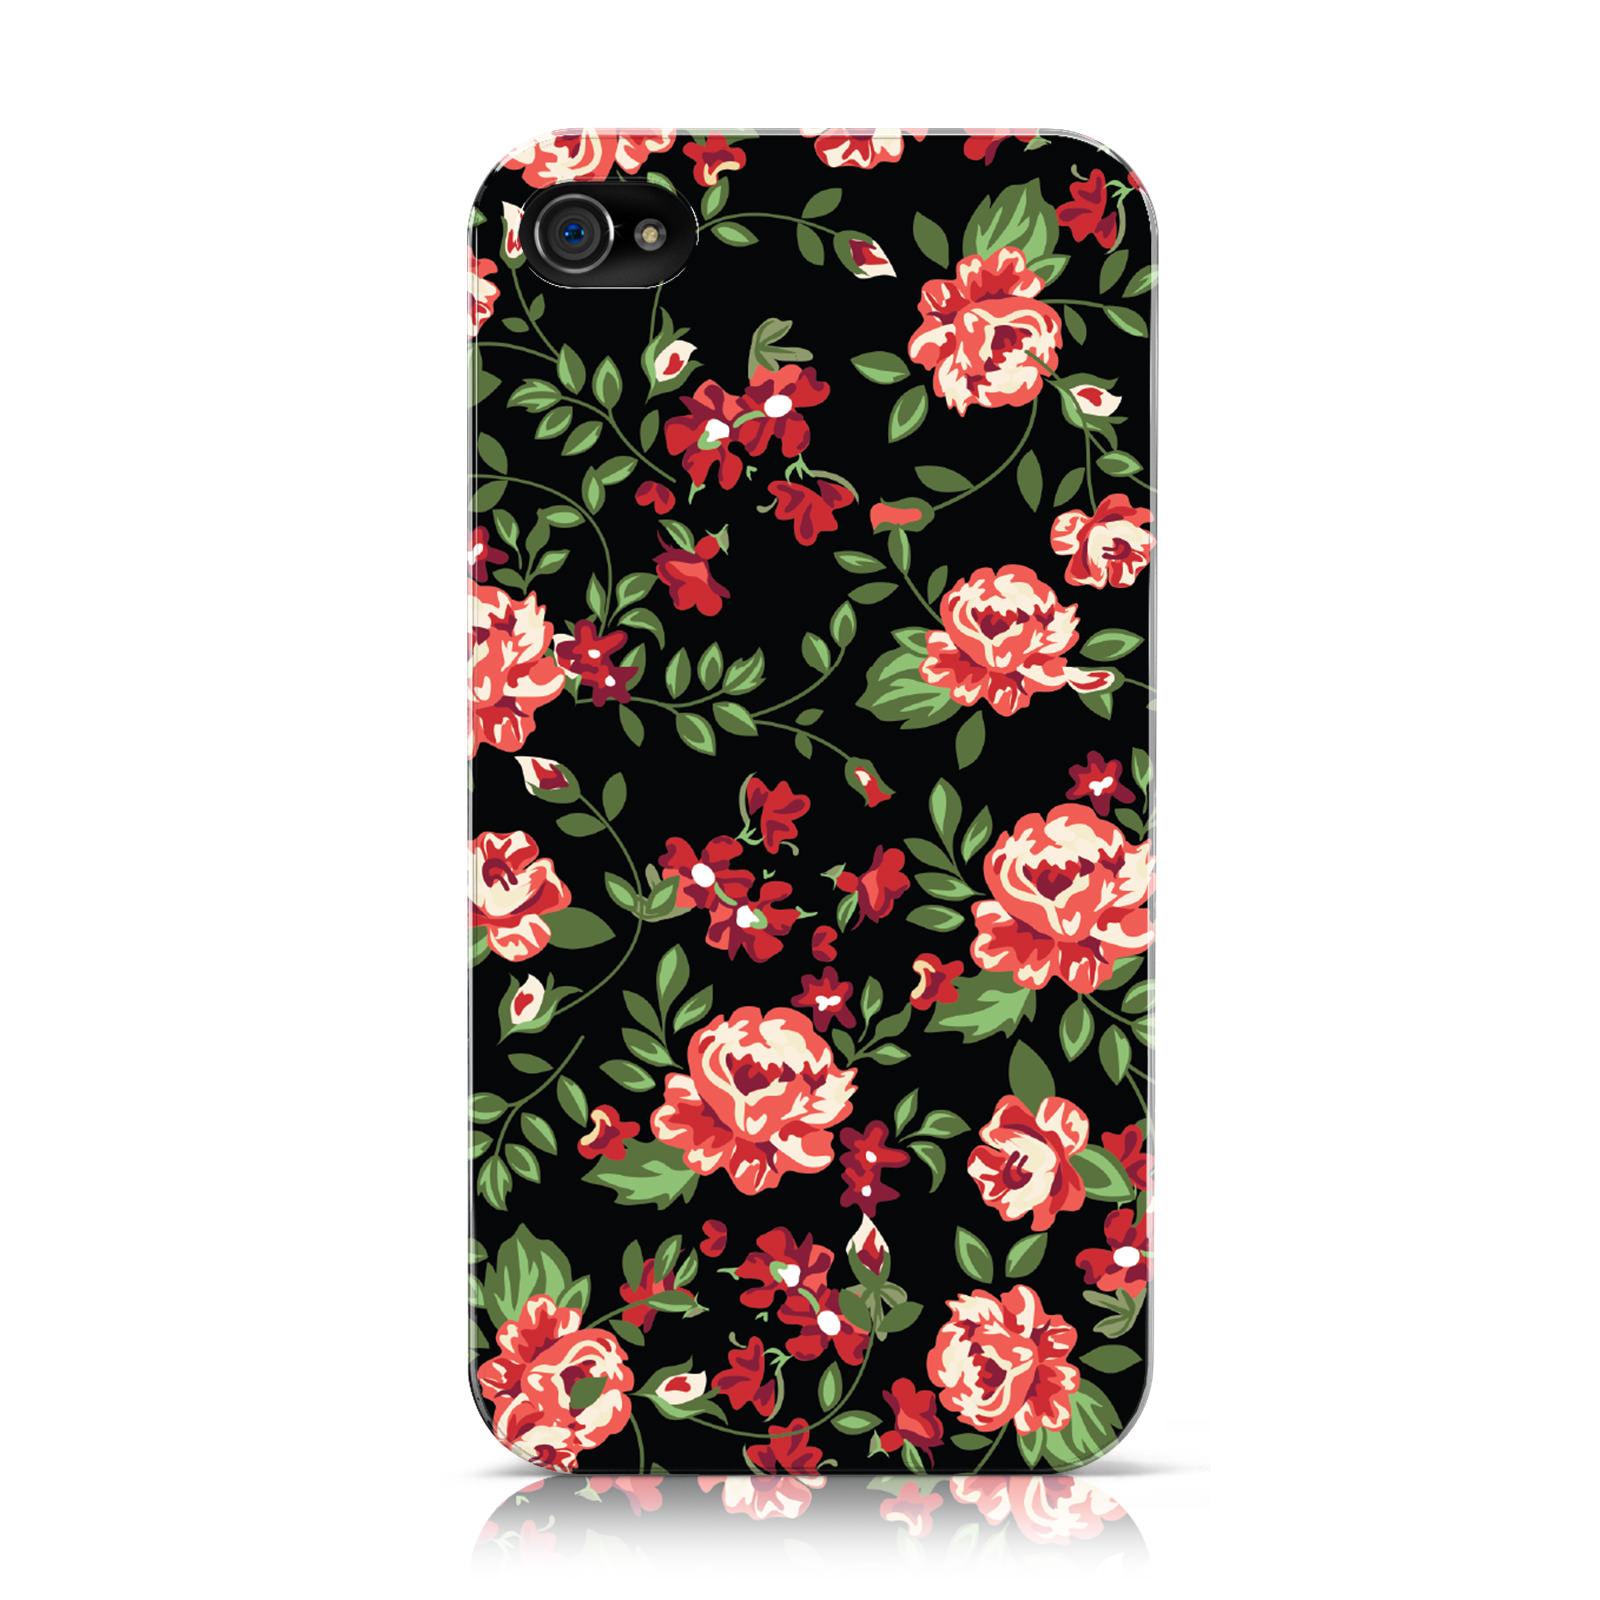 NUEVO-de-Flores-Pequeno-Rojo-Flor-Negro-Estampado-Funda-para-Apple-iPhone